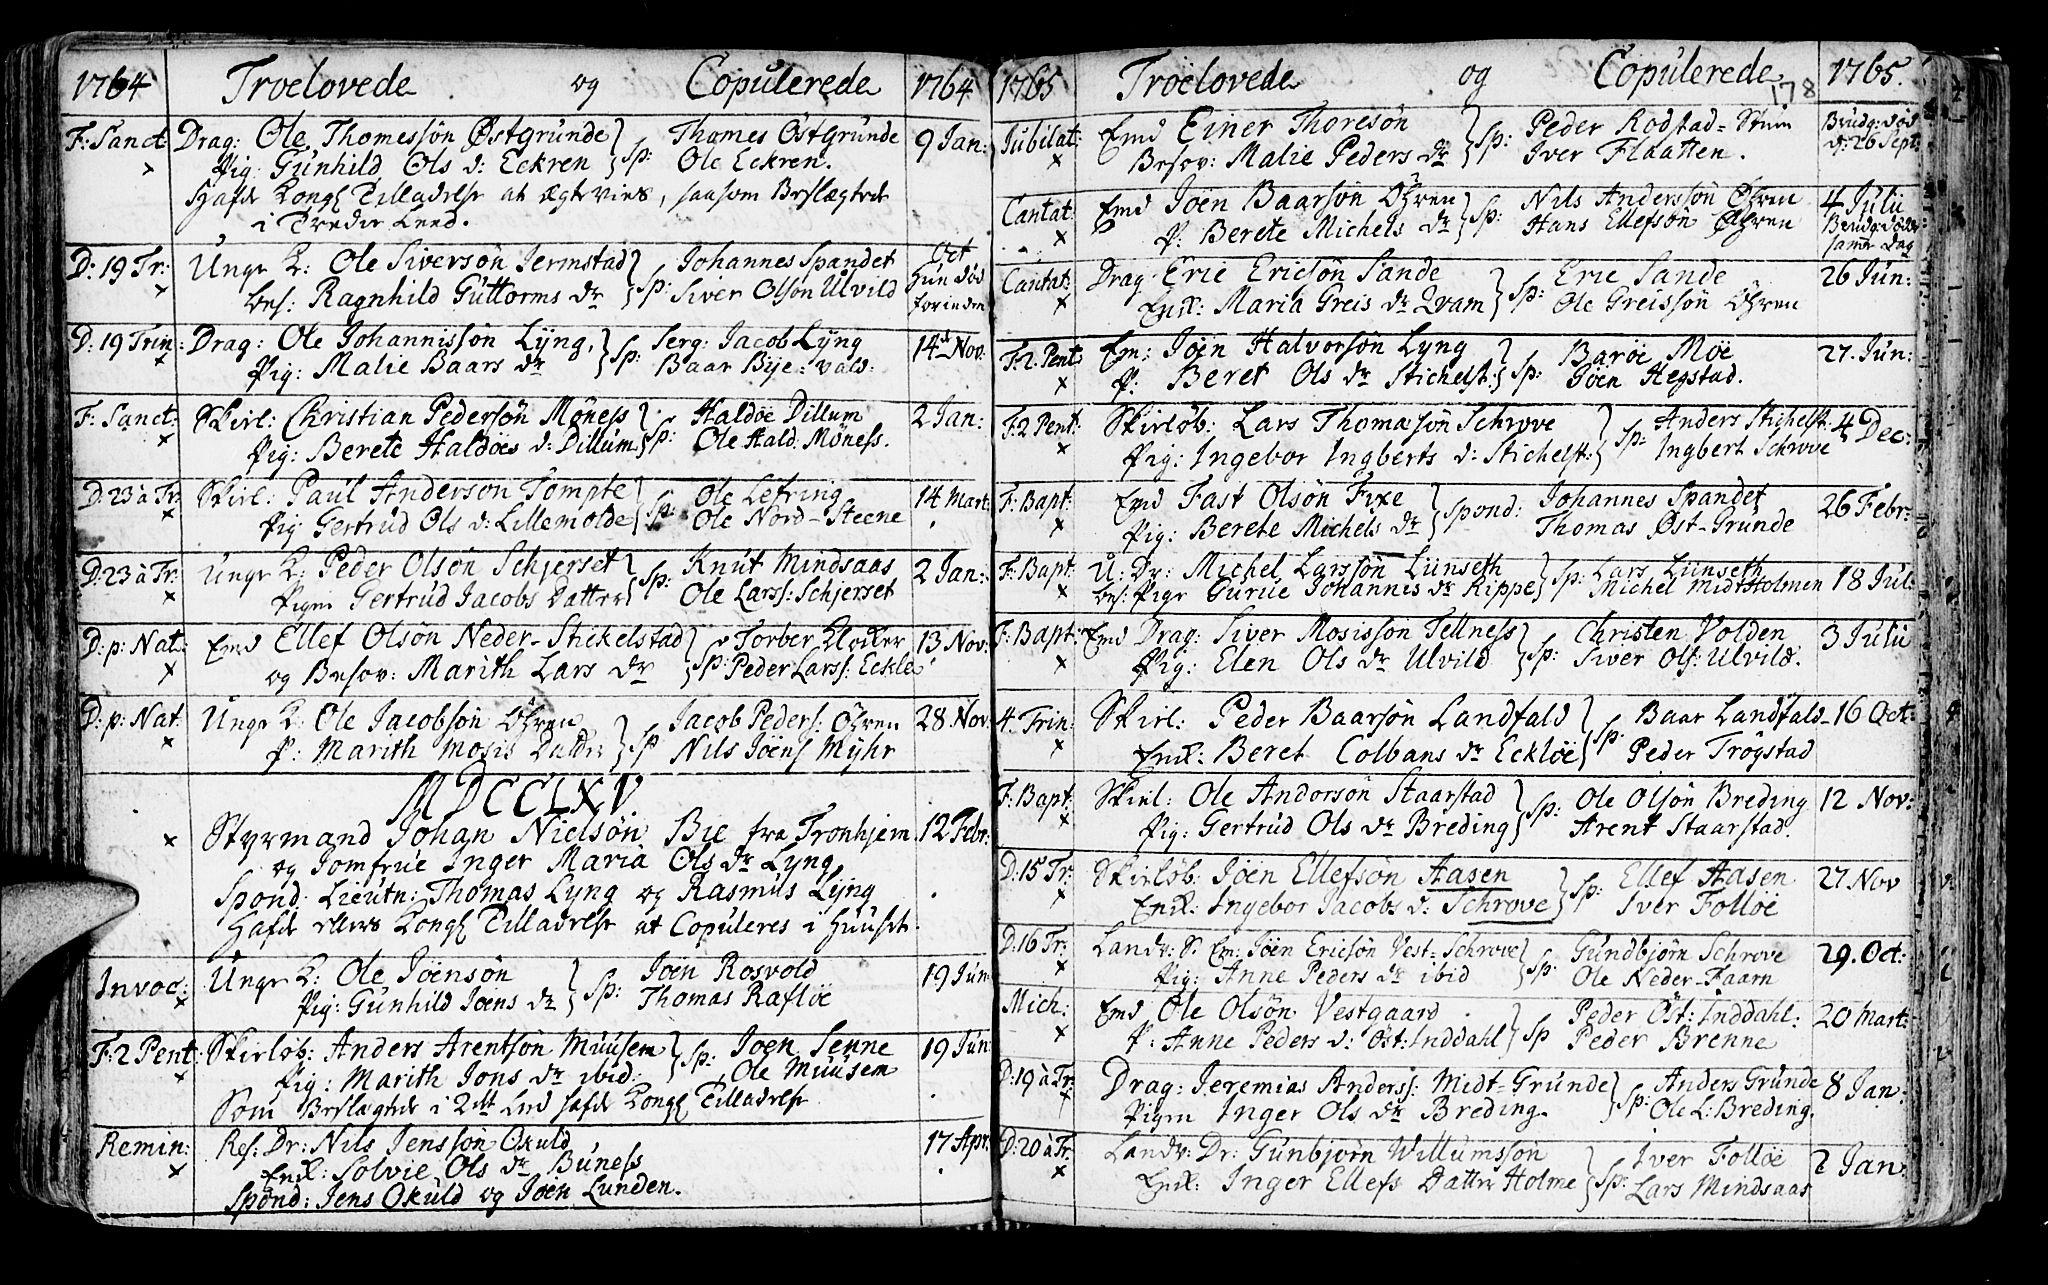 SAT, Ministerialprotokoller, klokkerbøker og fødselsregistre - Nord-Trøndelag, 723/L0231: Ministerialbok nr. 723A02, 1748-1780, s. 178